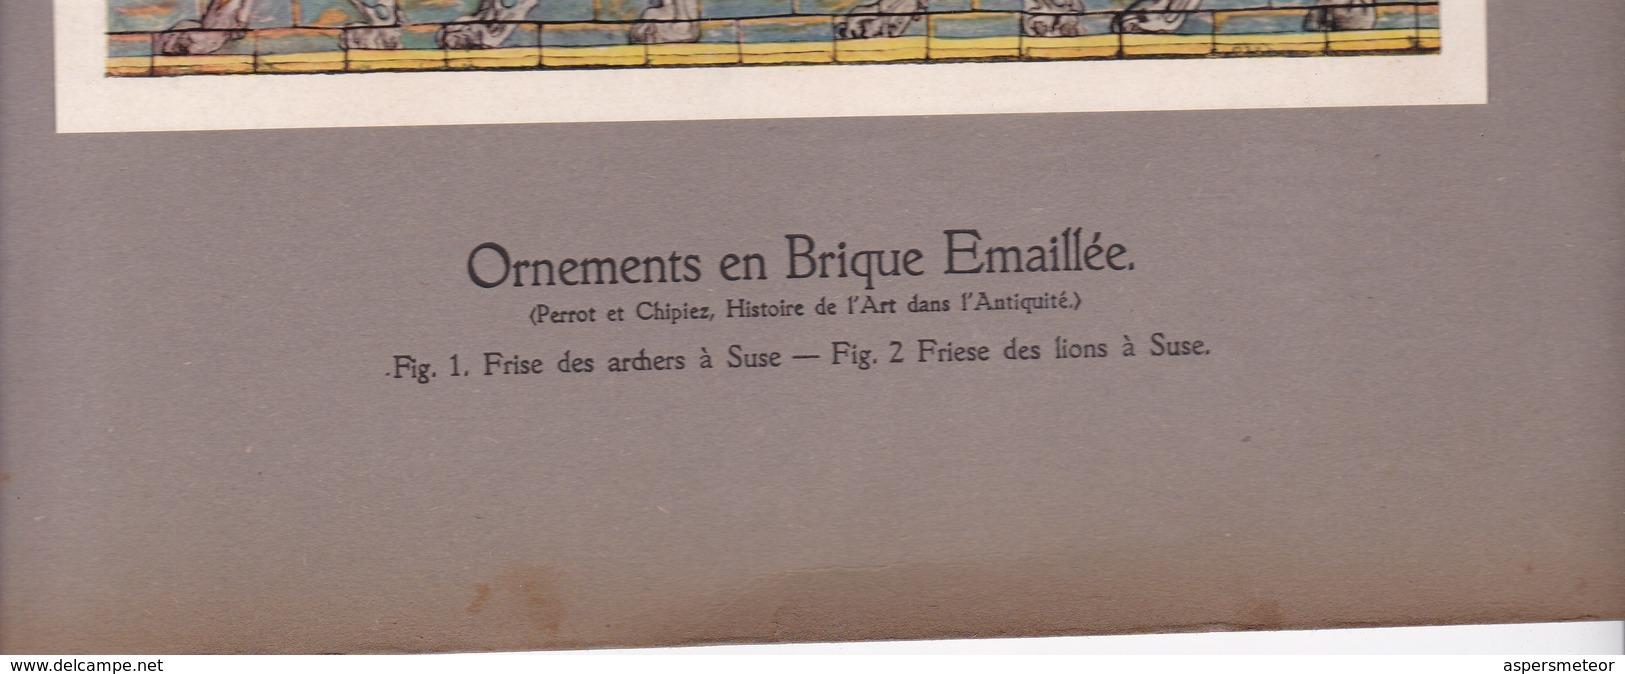 ORNEMENTS EN BRIQUE EMAILLEE, PERSE.-LAMINA SHEET PLANCHE-BLEUP - Afiches